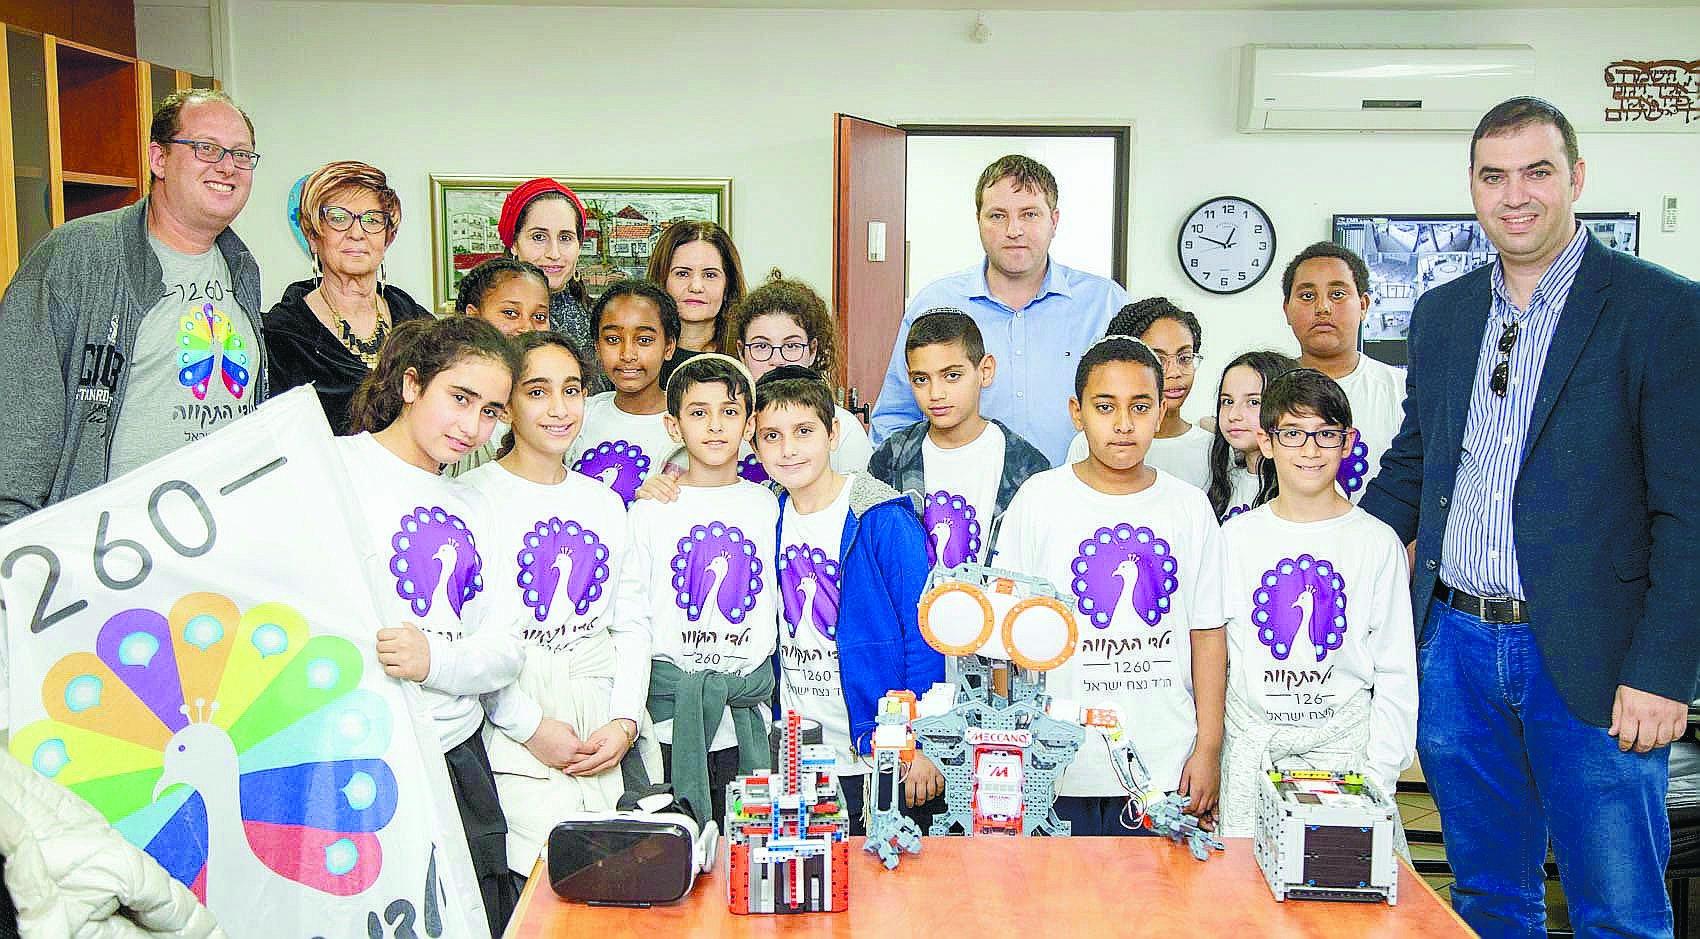 תלמידי נצח ישראל. צילום עיירת פתח תקווה